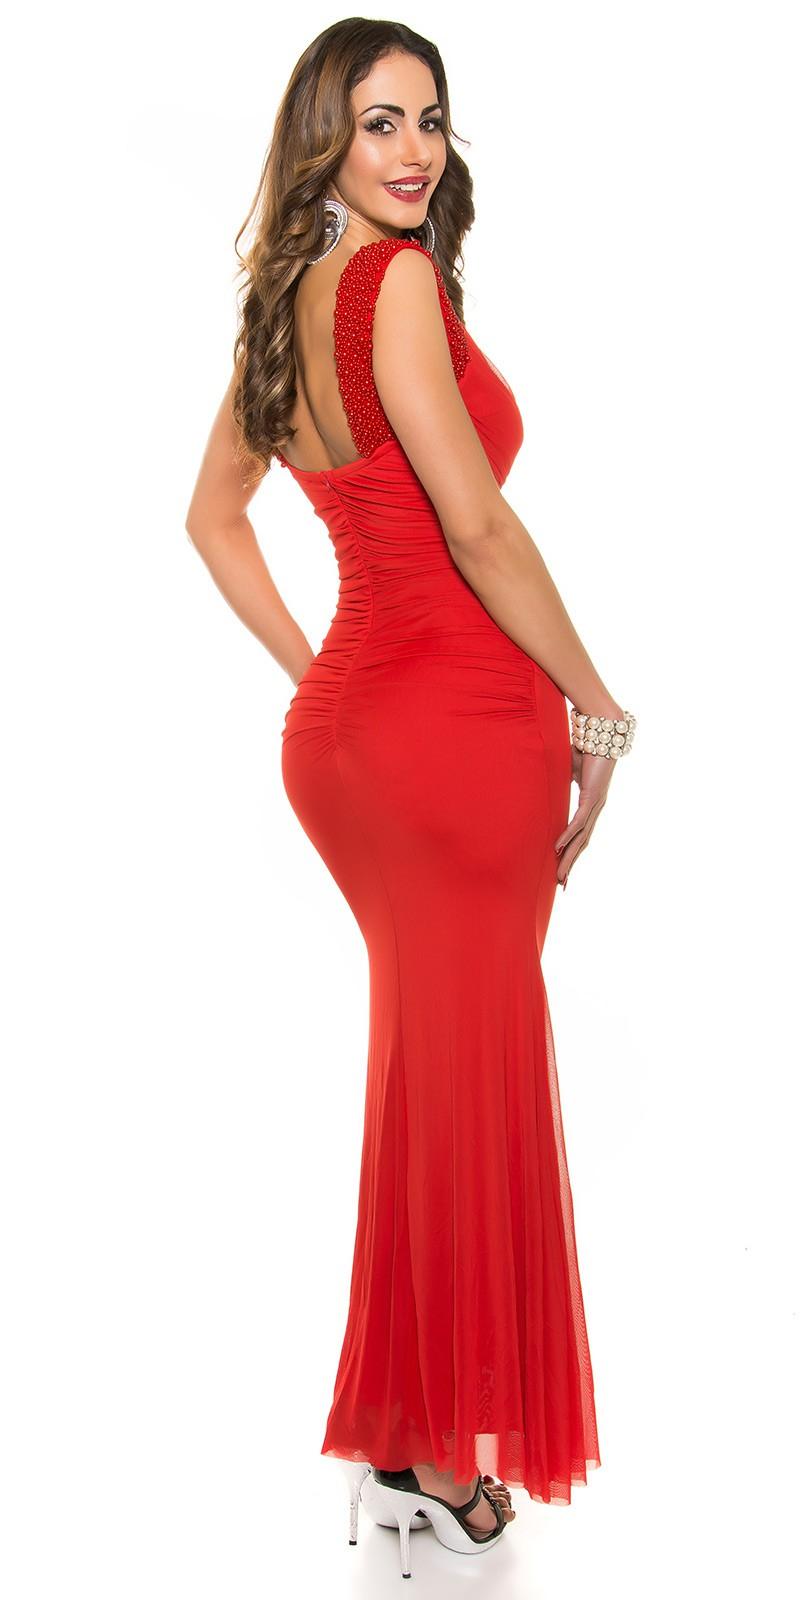 d01f83e0b604 ... Obrázok pre Slávnostné šaty s perlami   červené